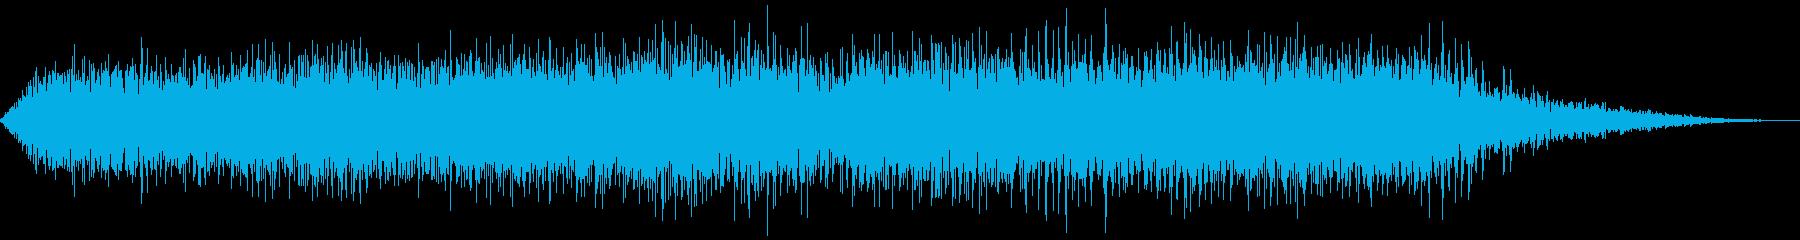 ヘリコプター着陸(2枚羽根)の再生済みの波形